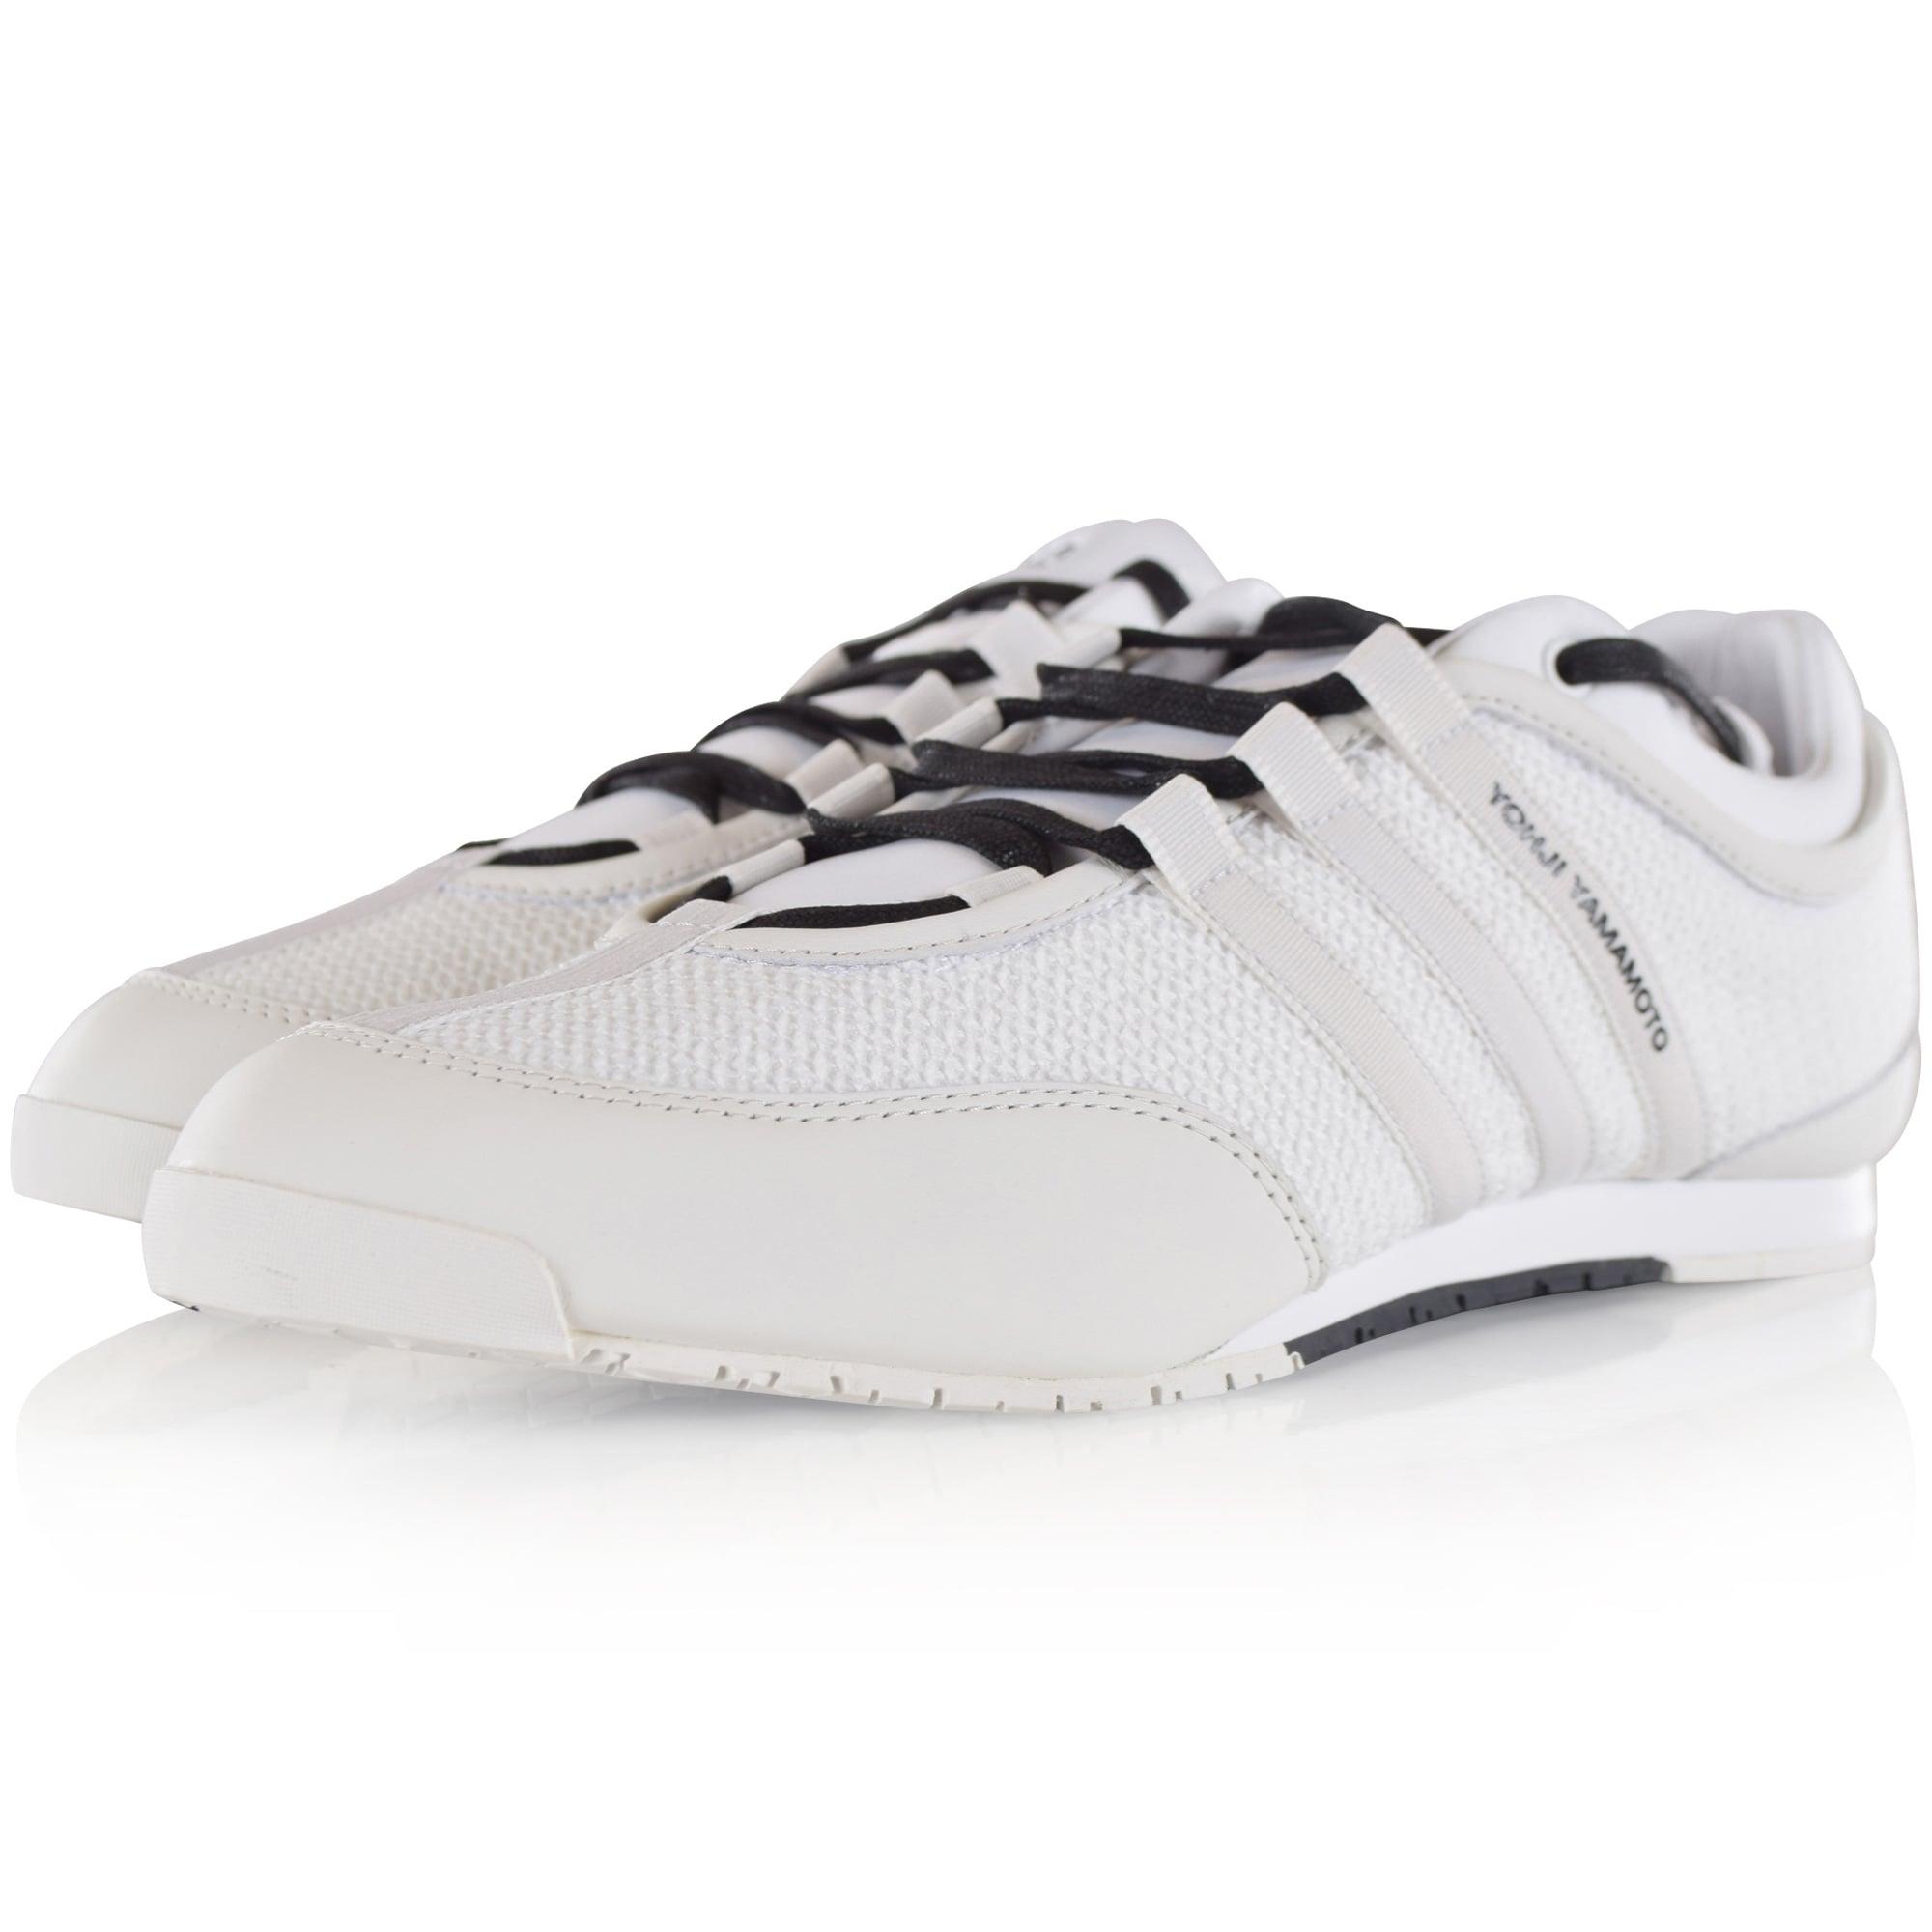 ADIDAS Y-3 Adidas Y-3 White Mesh